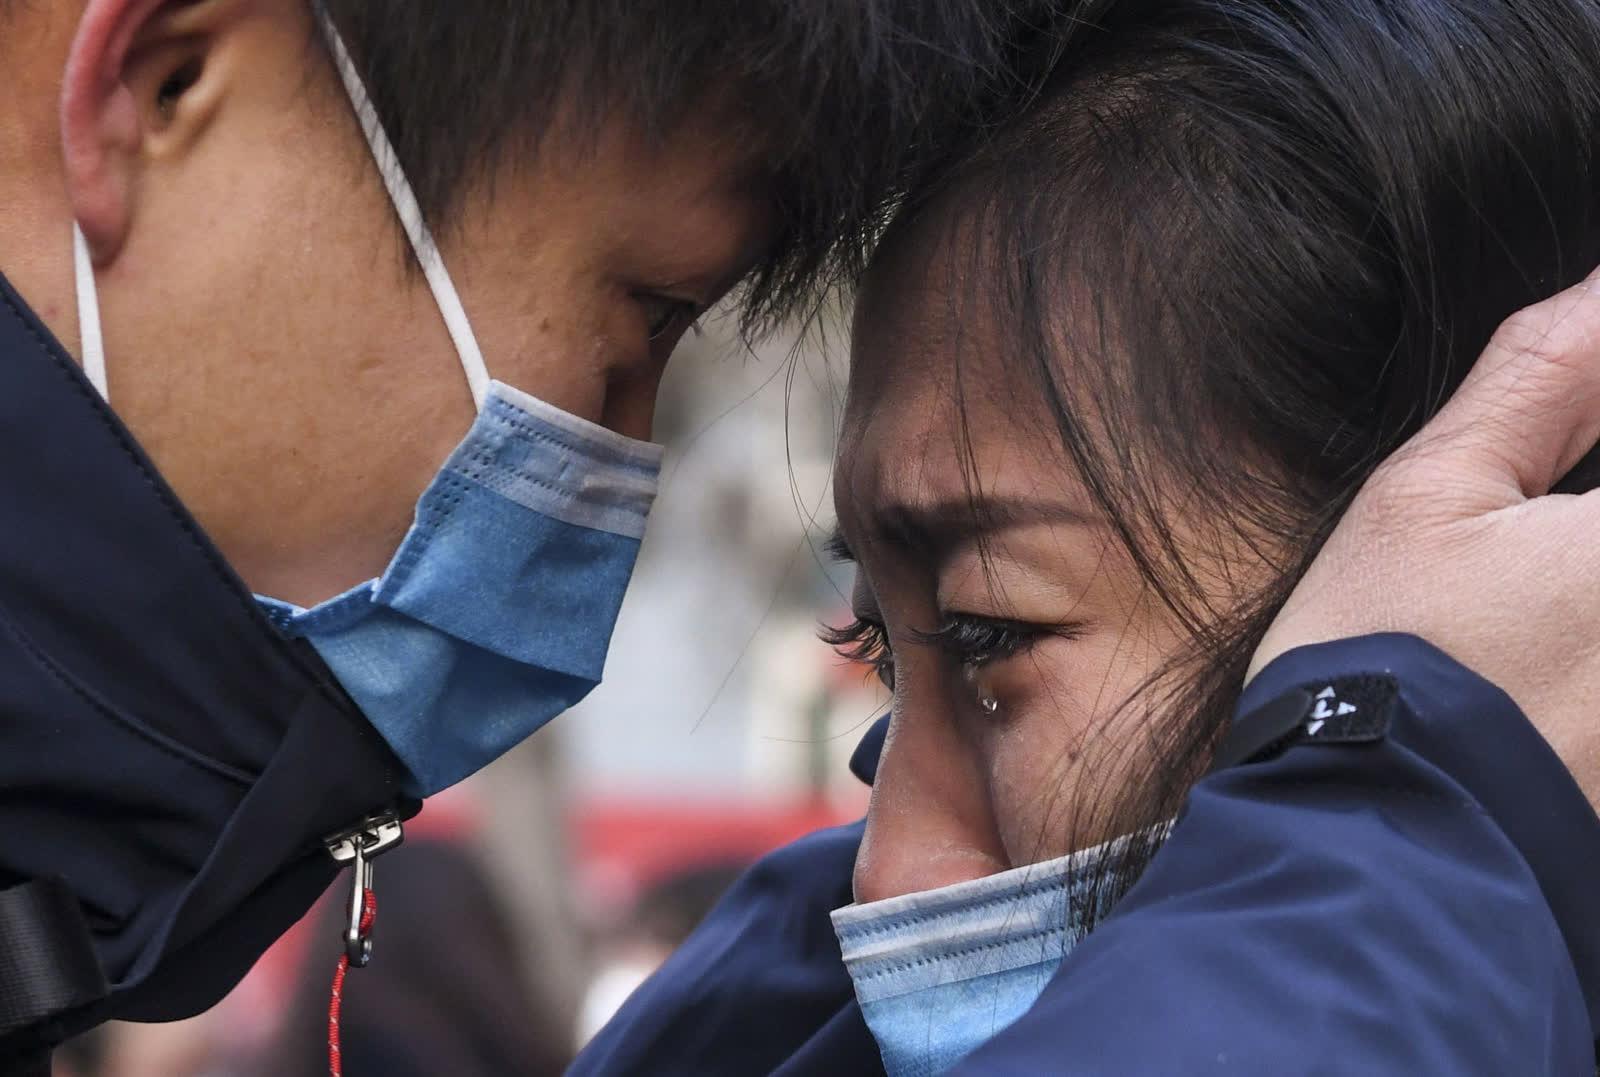 1 дүгээр сарын 28.  Хятадын Өрөмч хотод Лю Жун хайртай хүнтэйгээ салах ёс гүйцэтгэж байна. Тэрбээр БНХАУ-ын Ухань хотыг зорих эмнэлгийн багийн бүрэлдэхүүнд багтжээ. /Photo by Chine Nouvelle/